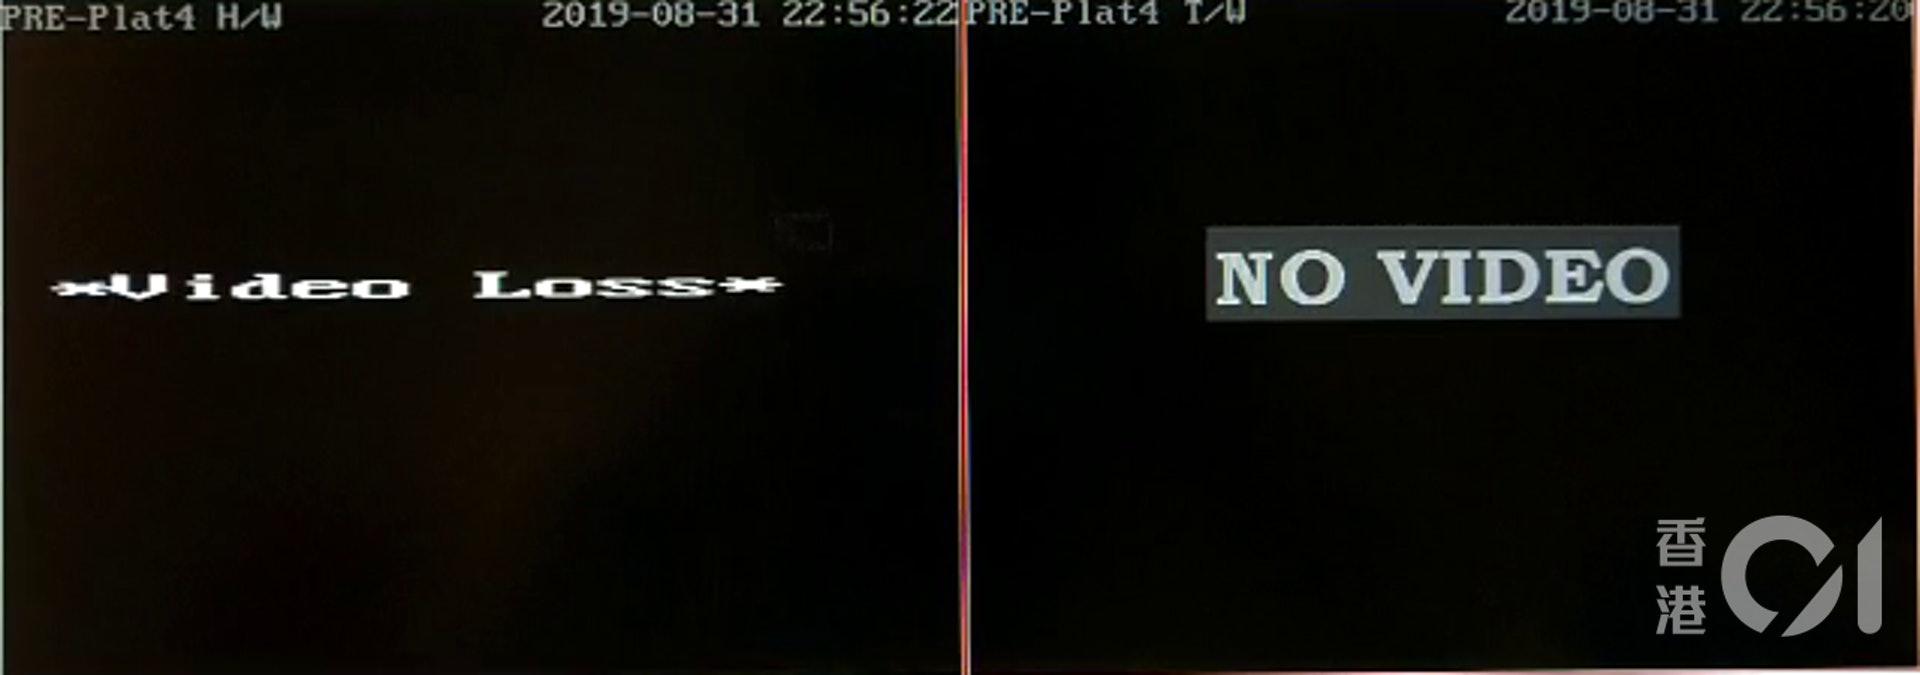 另一個CCTV則於事發時已受損,未能錄低過程。(太子站CCTV截圖)